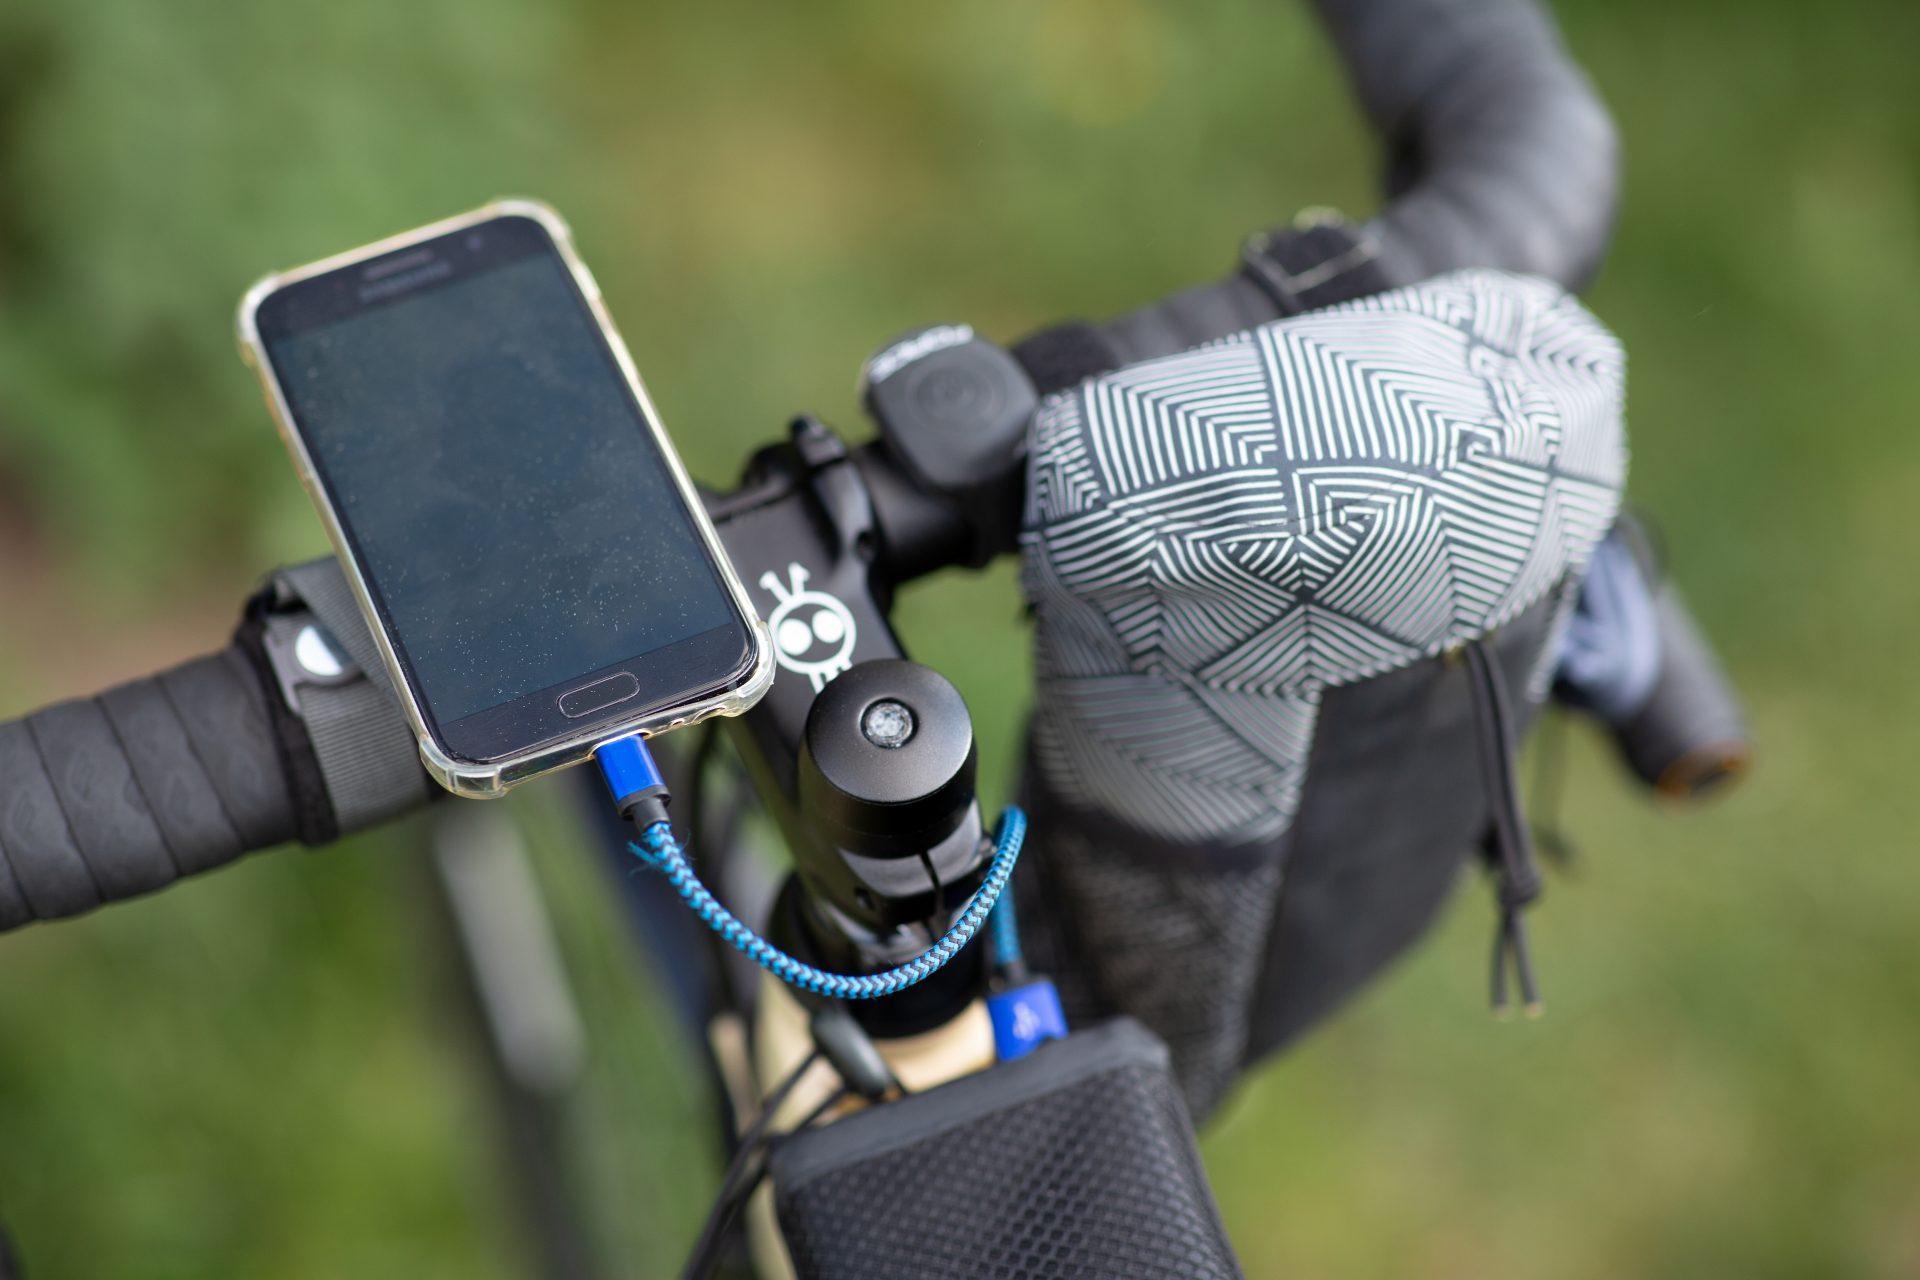 Už pouhý telefon na řídítkách, ač použítý jako nafigace, bere pozornost.